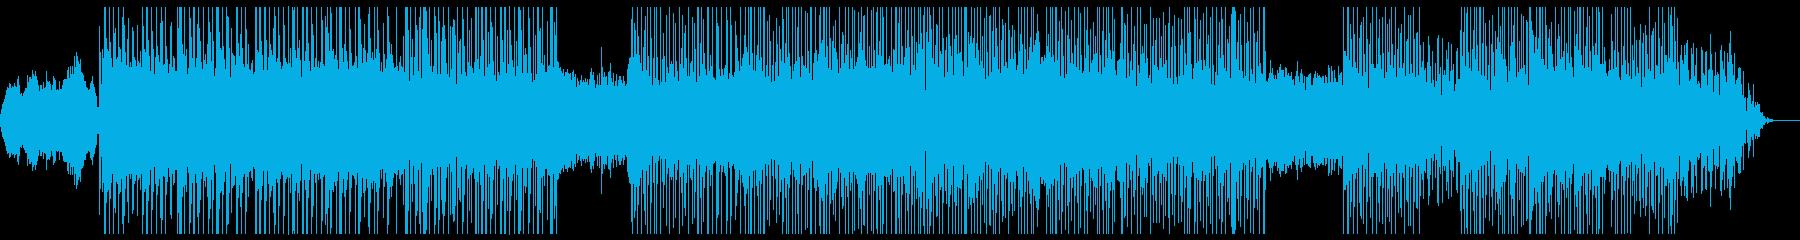 緊迫感のあるインストゥルメンタルロックの再生済みの波形